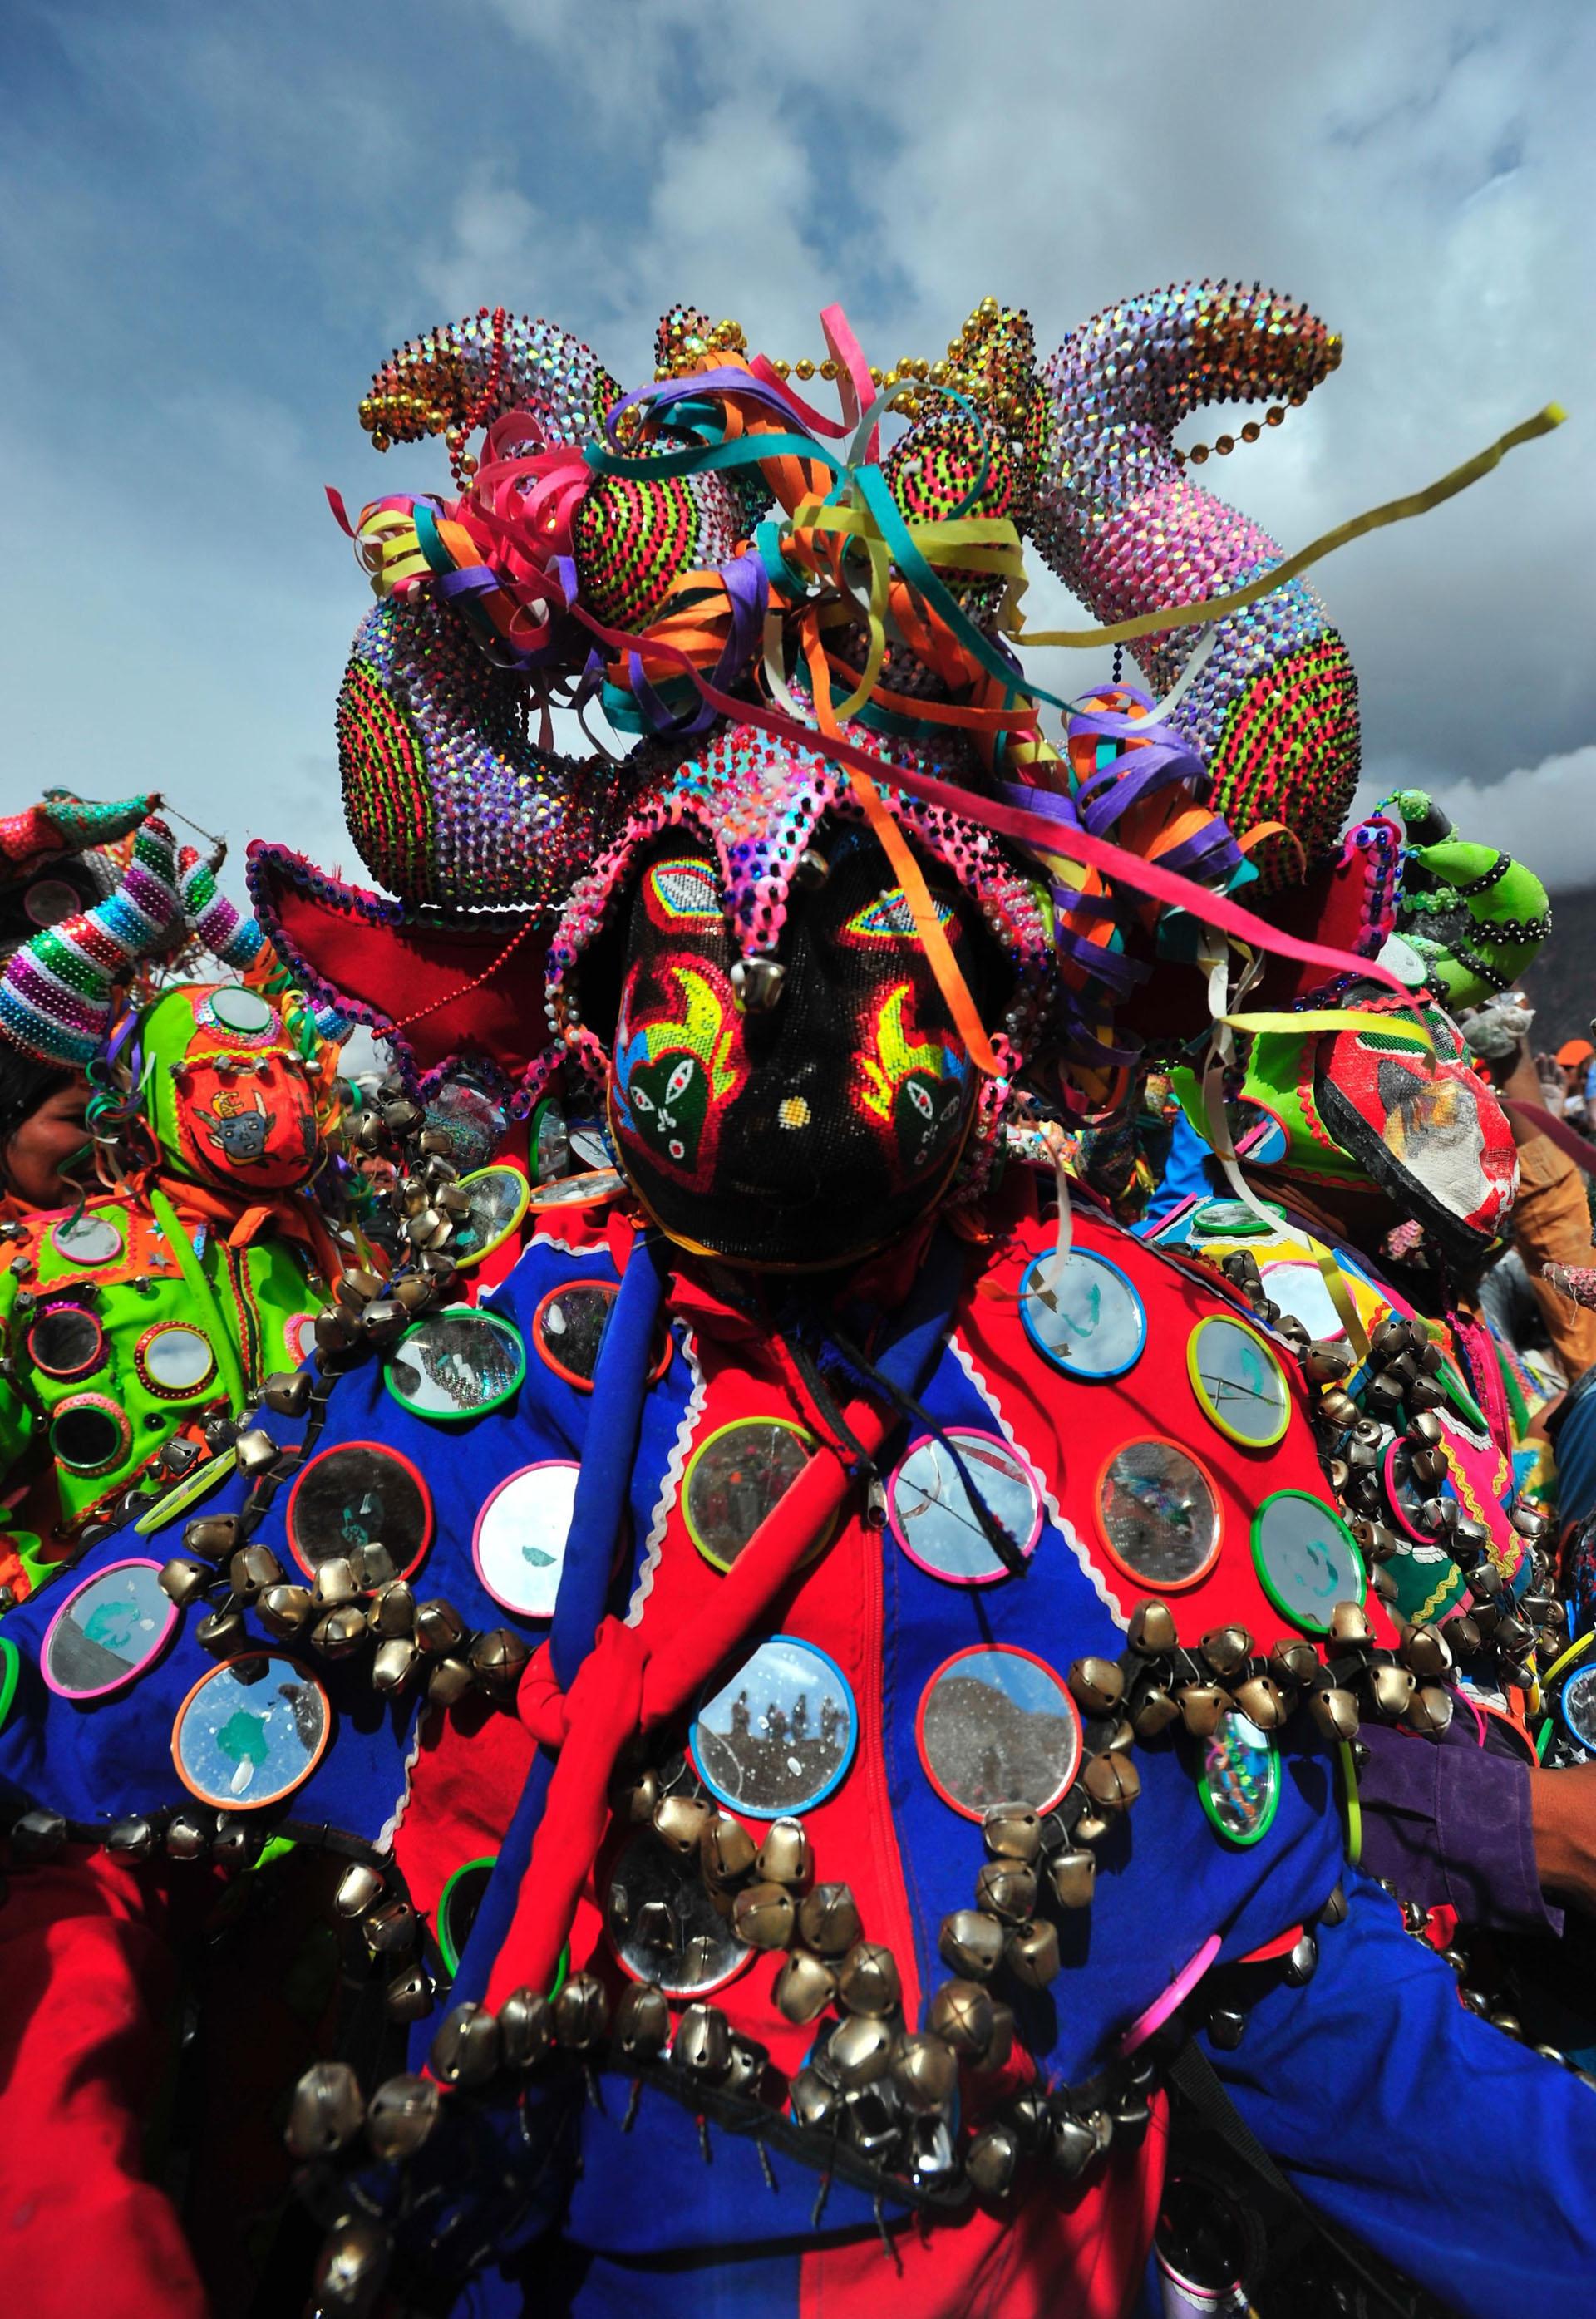 El festejo termina el Domingo de Tentación, cuando el diablo vuelve a ser enterrado en en un hoyo que representa la boca de la Pachamama, junto a ofrendas de cigarrillos, coca, serpentinas y chicha